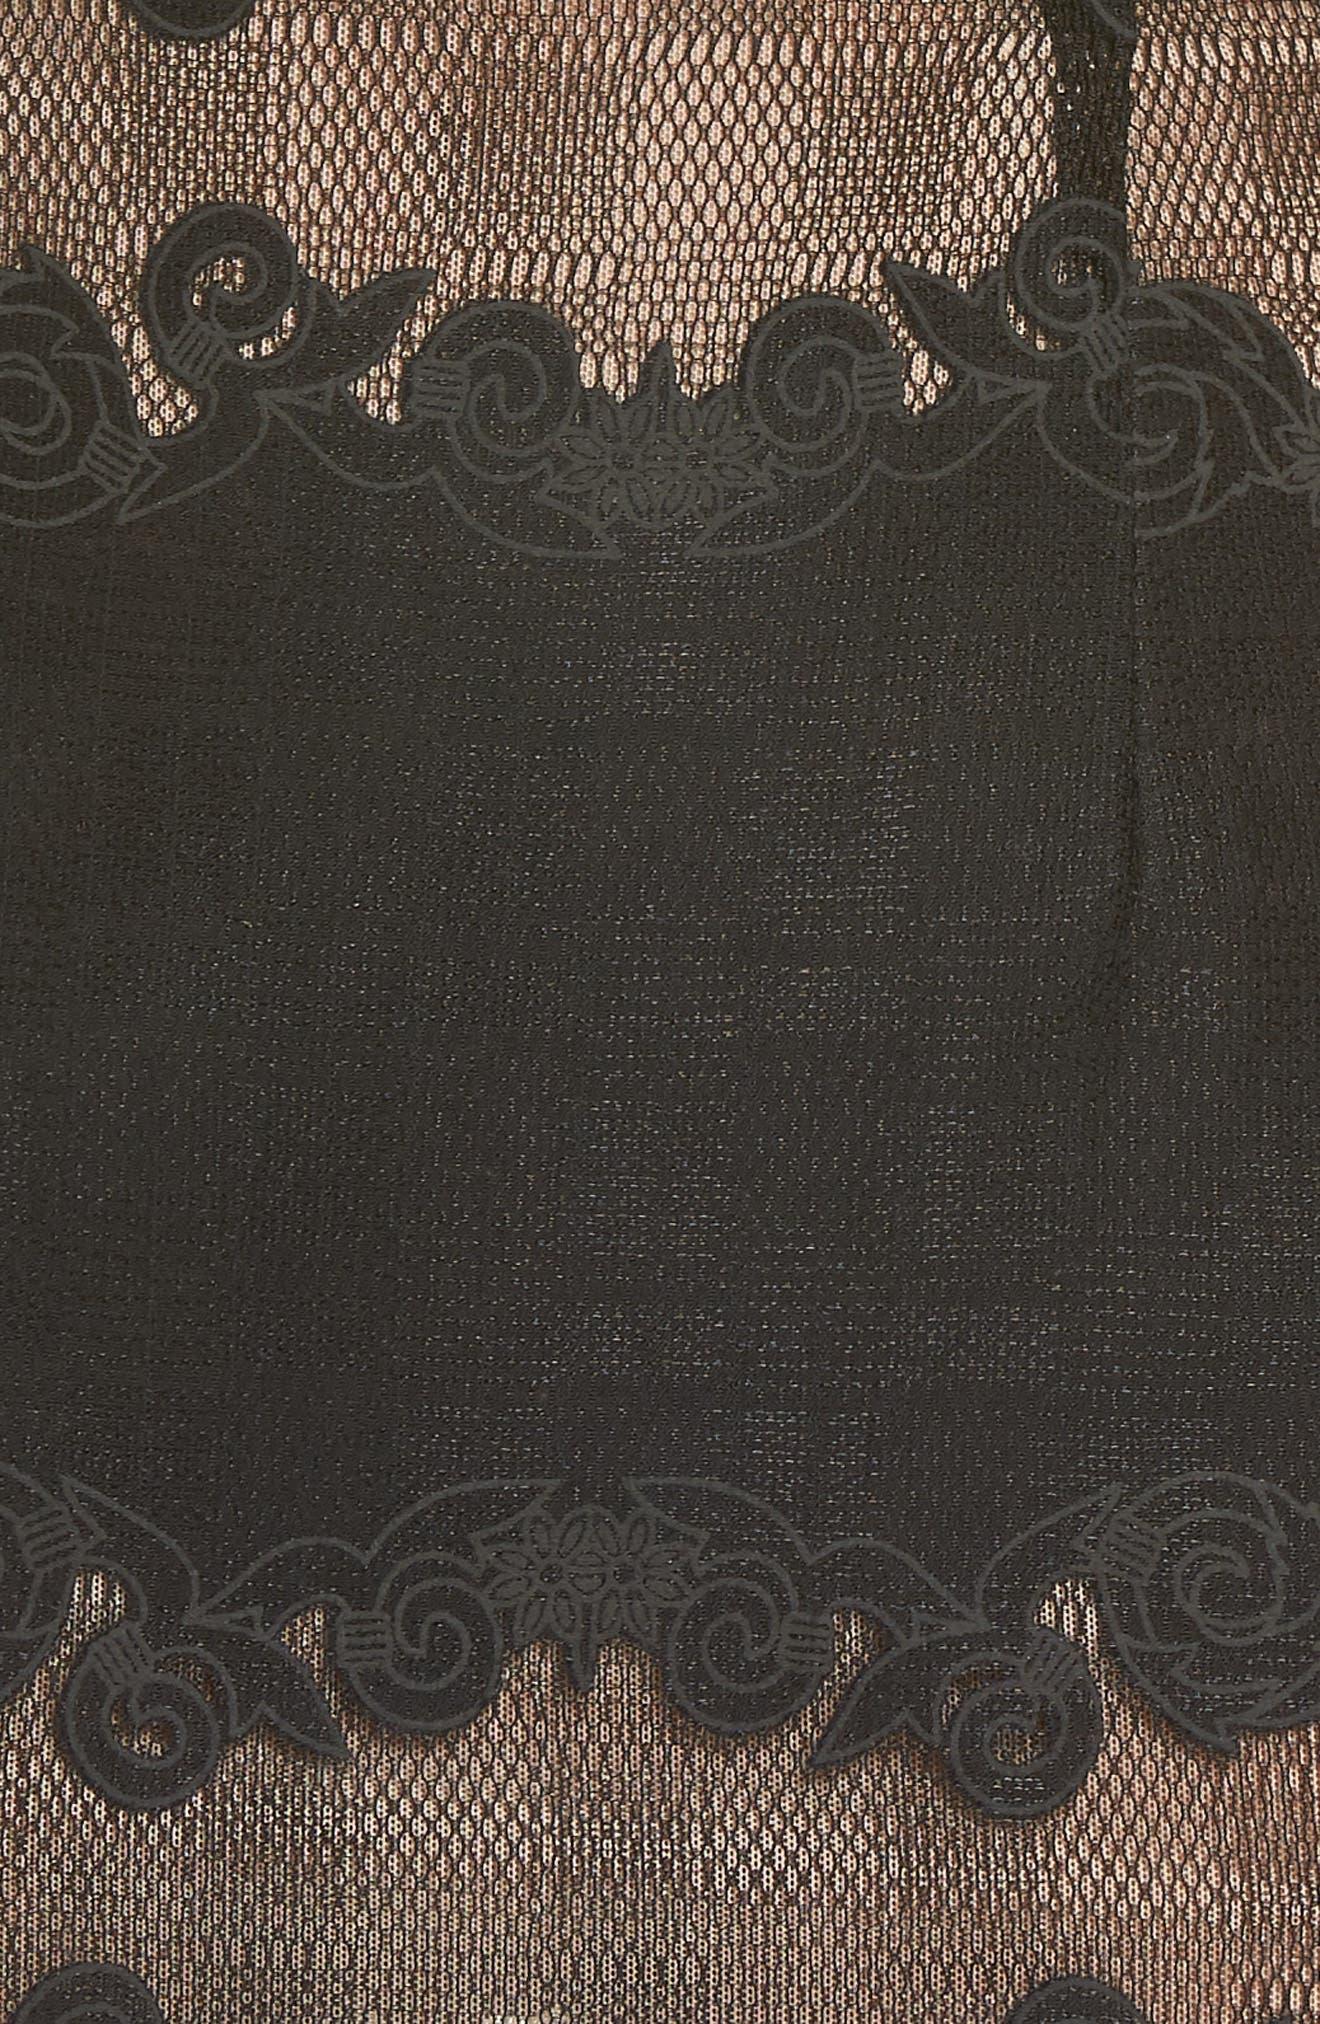 Bettina Lace Panel Tea Length Dress,                             Alternate thumbnail 5, color,                             BLACK